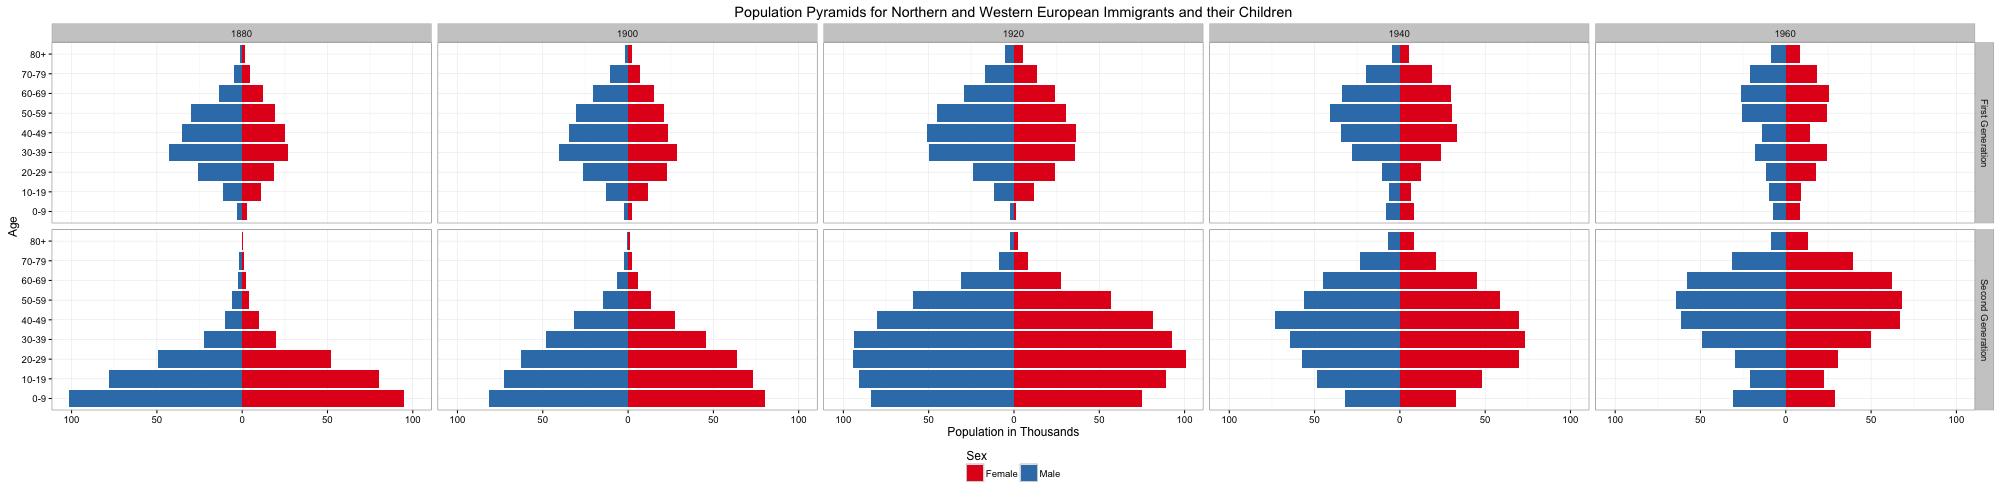 population_pyramid_4